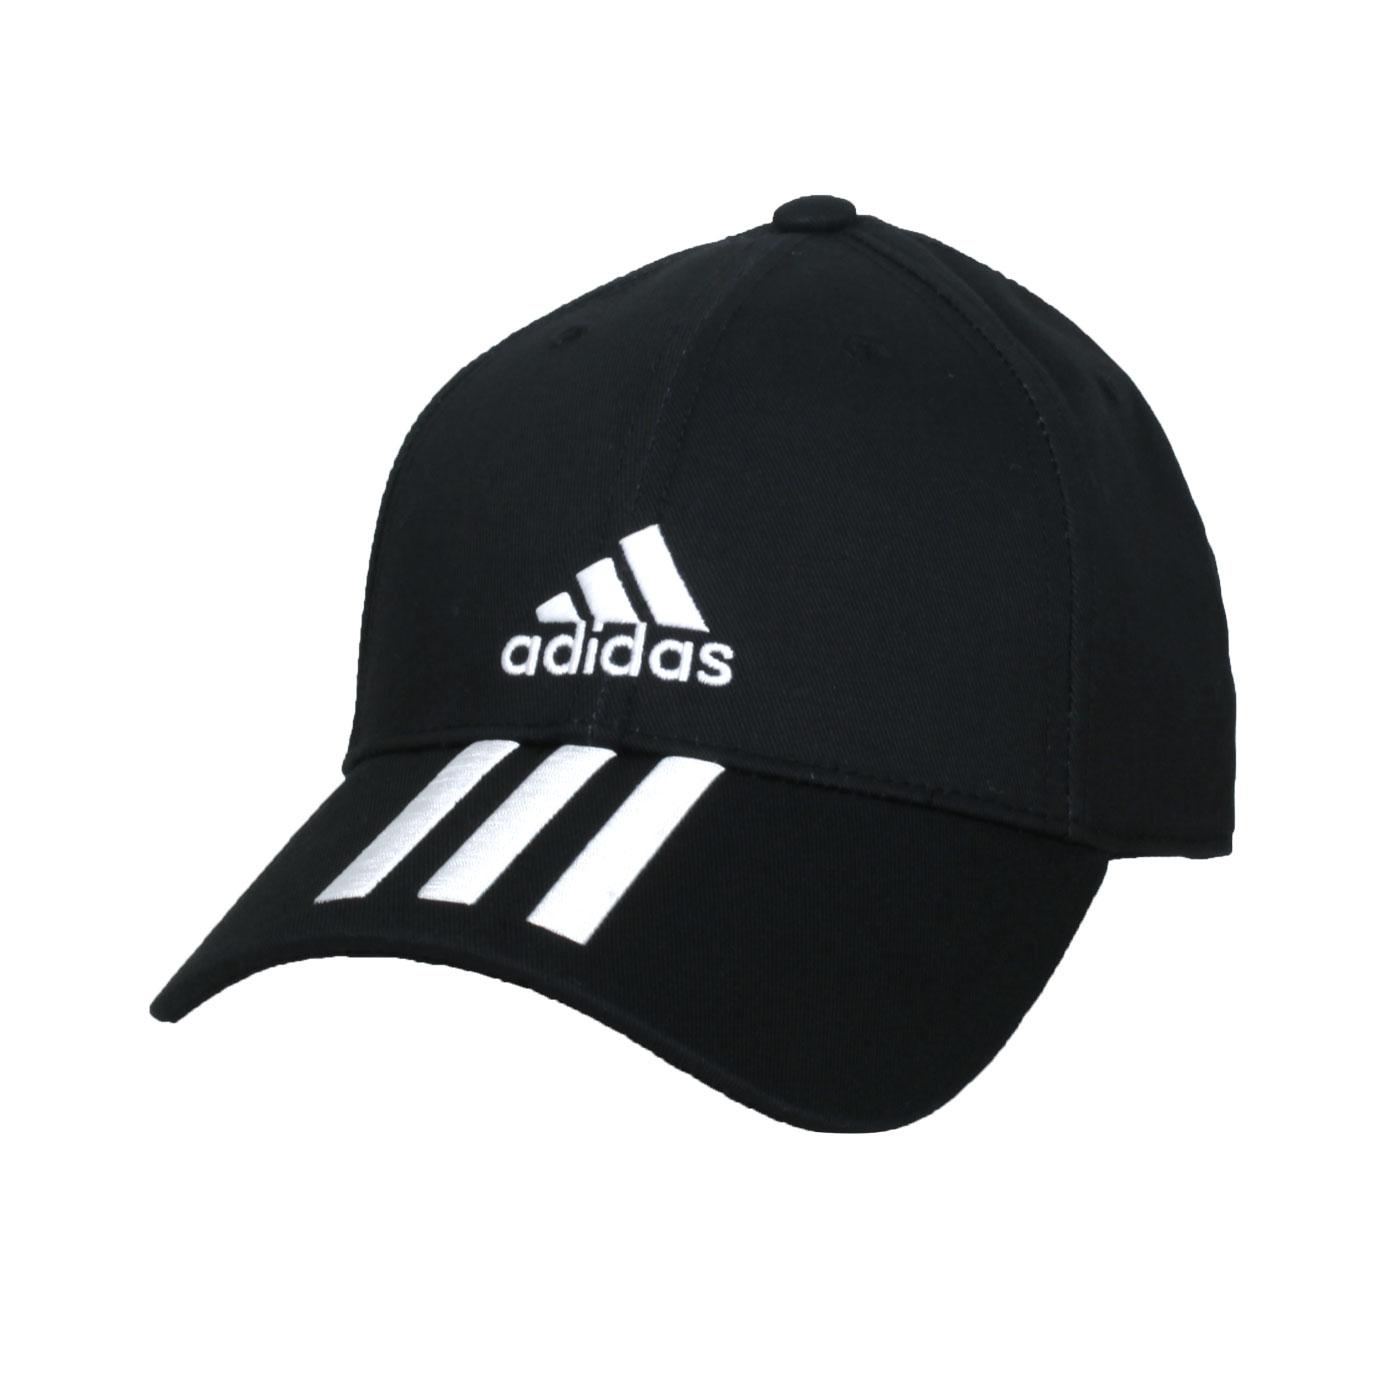 ADIDAS 帽子 DQ1073